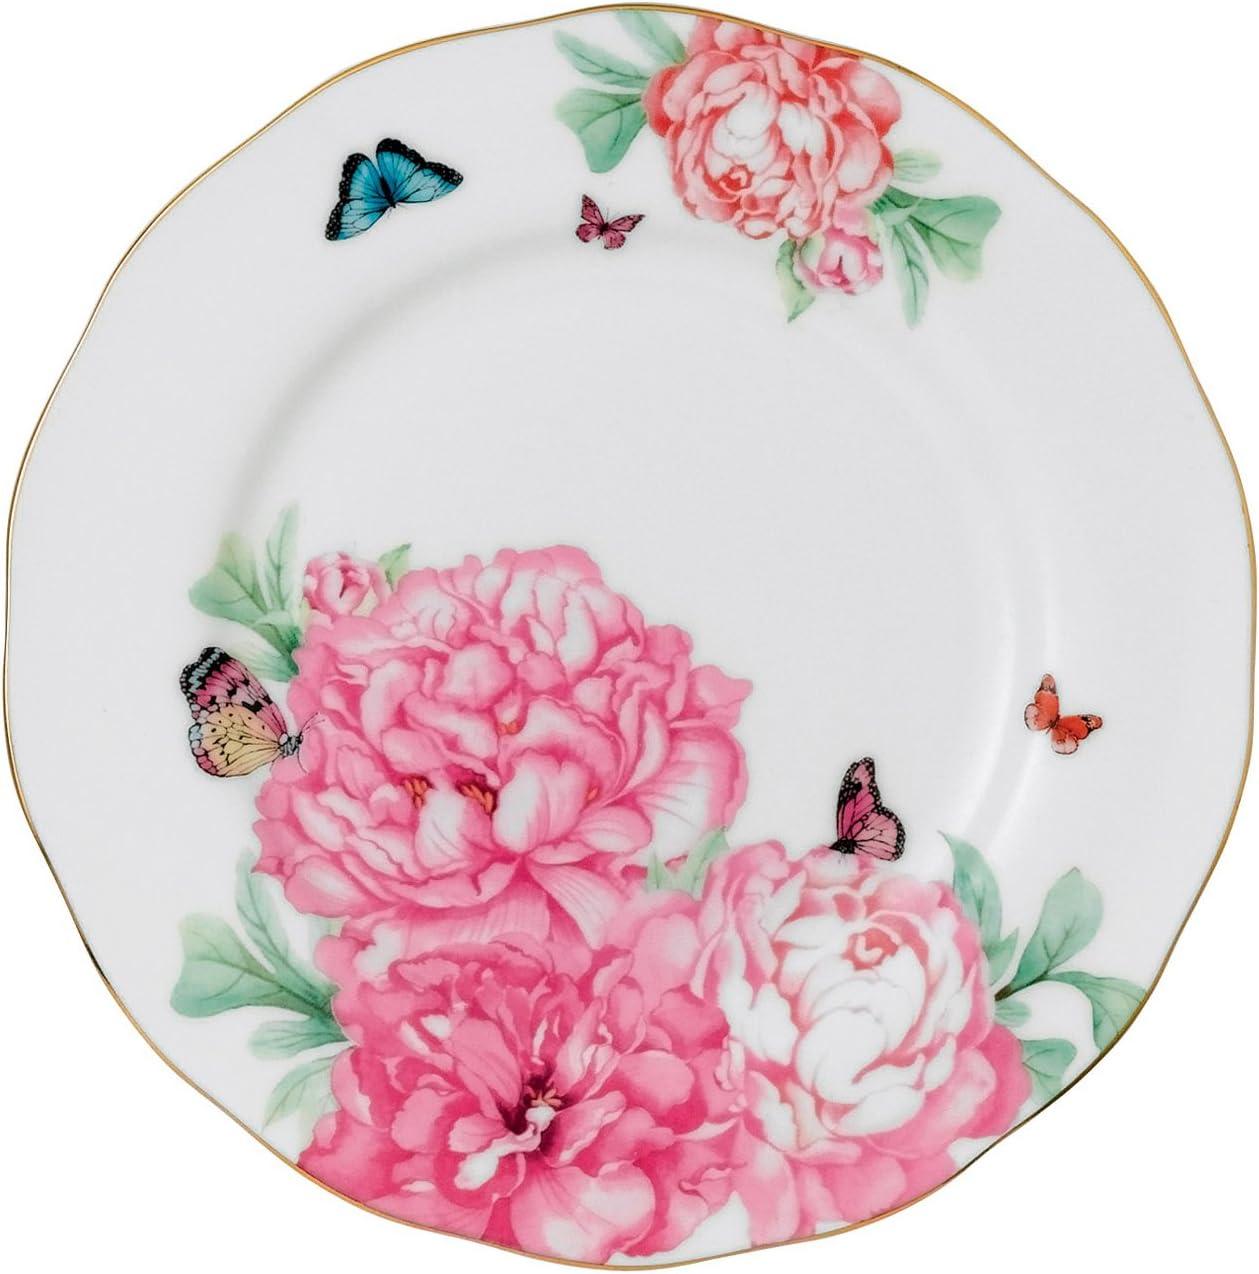 Bone China Royal Albert Miranda Kerr 40001836 10cm Coasters Set of 4 Multi